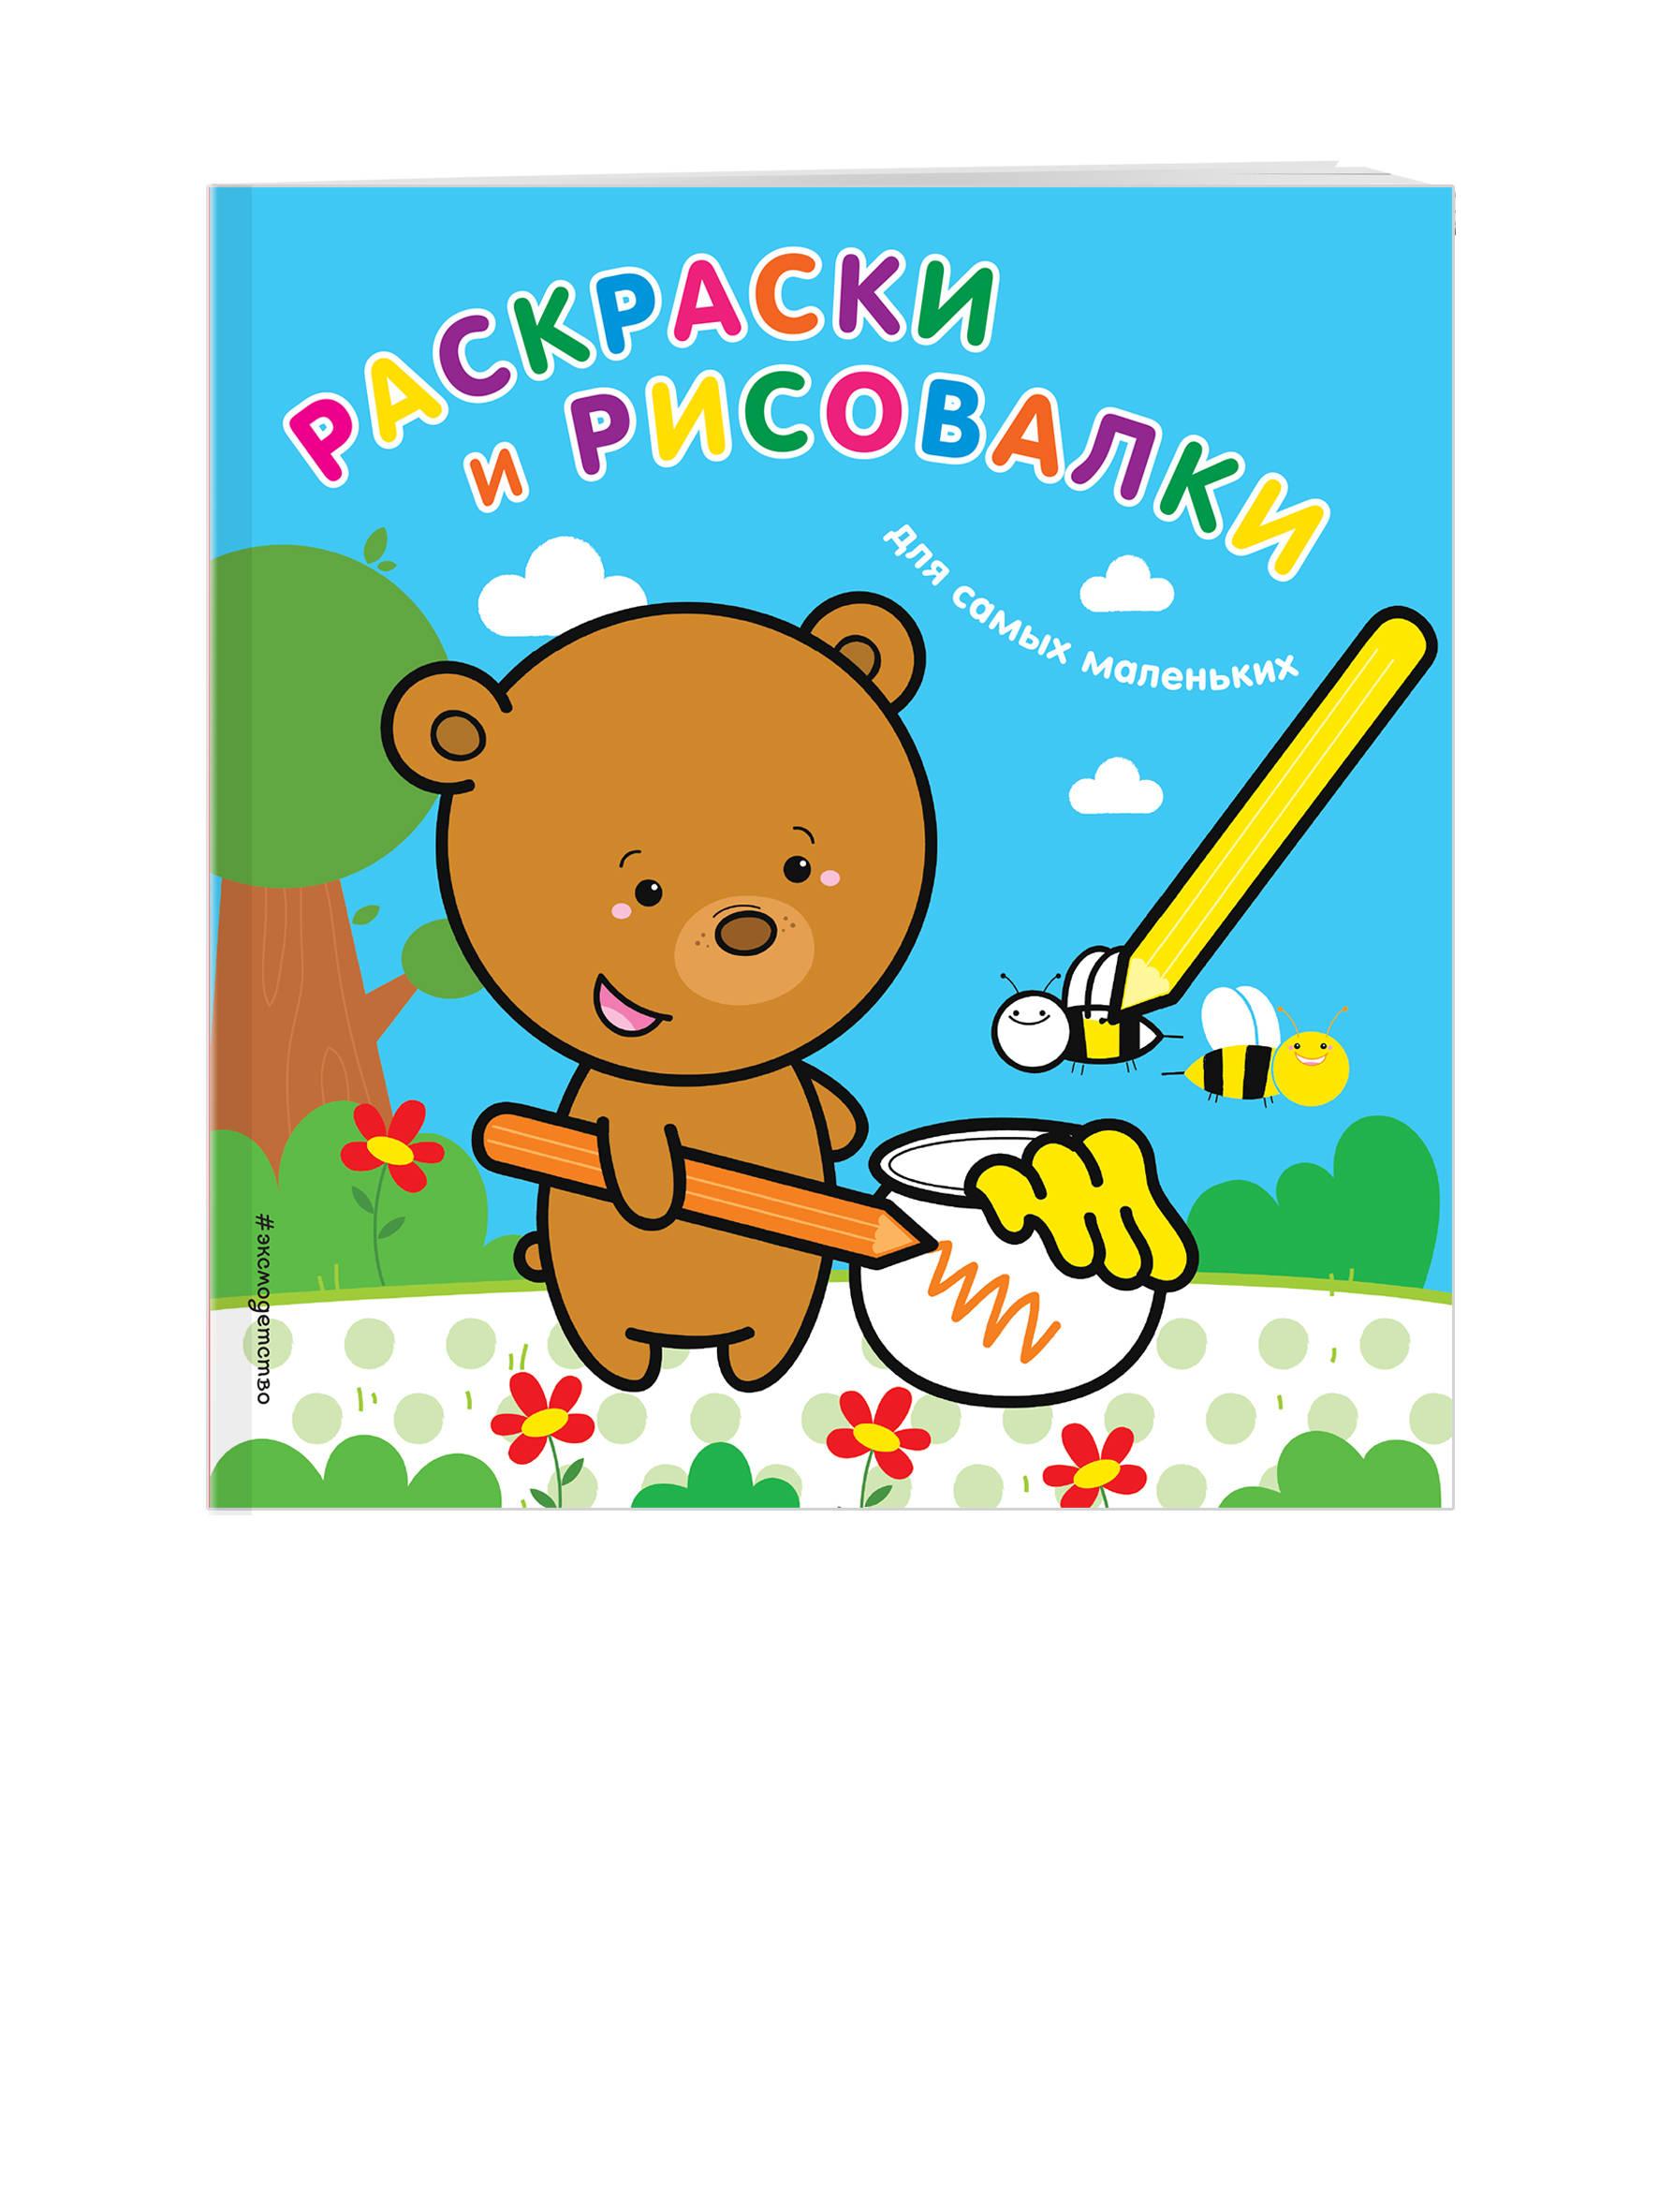 рисование и раскраски Раскраски и рисовалки для самых маленьких (медвежонок)